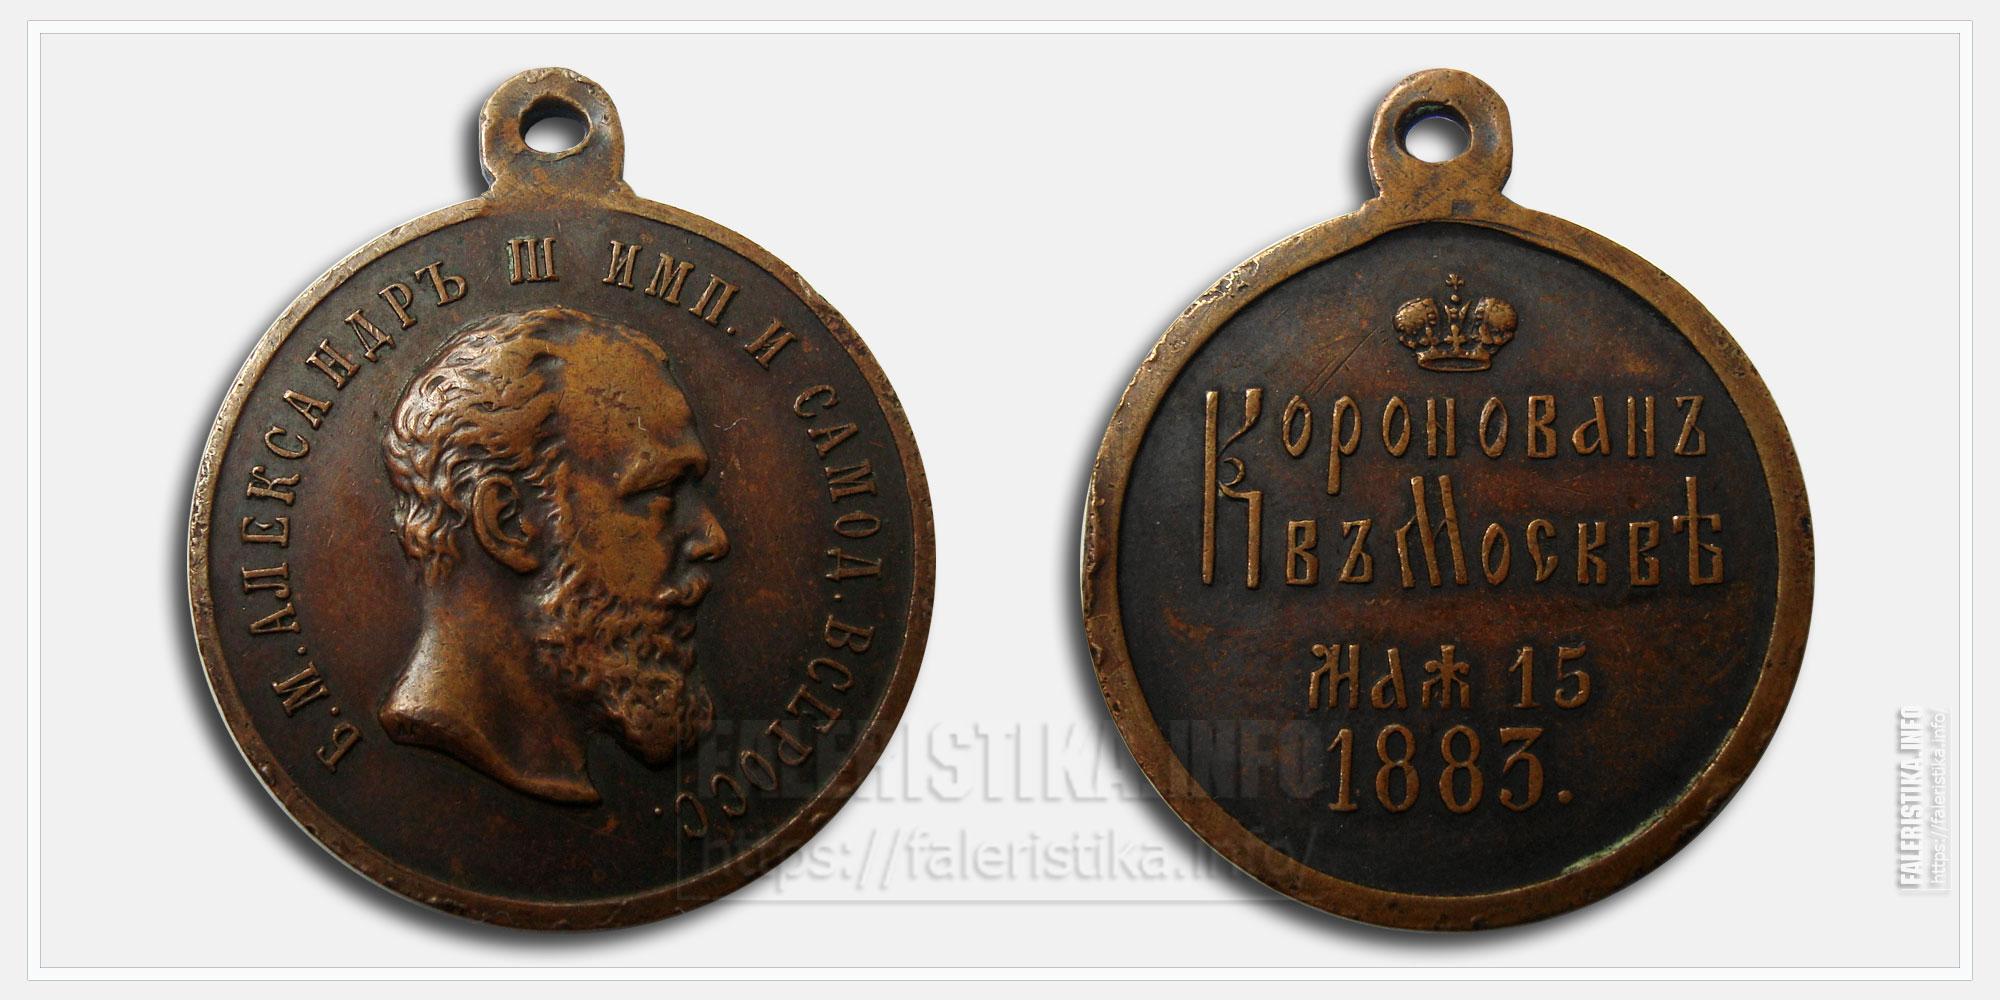 """Медаль """"Коронован в Москве мая 15 1883 Александр III"""" Частная мастерская"""